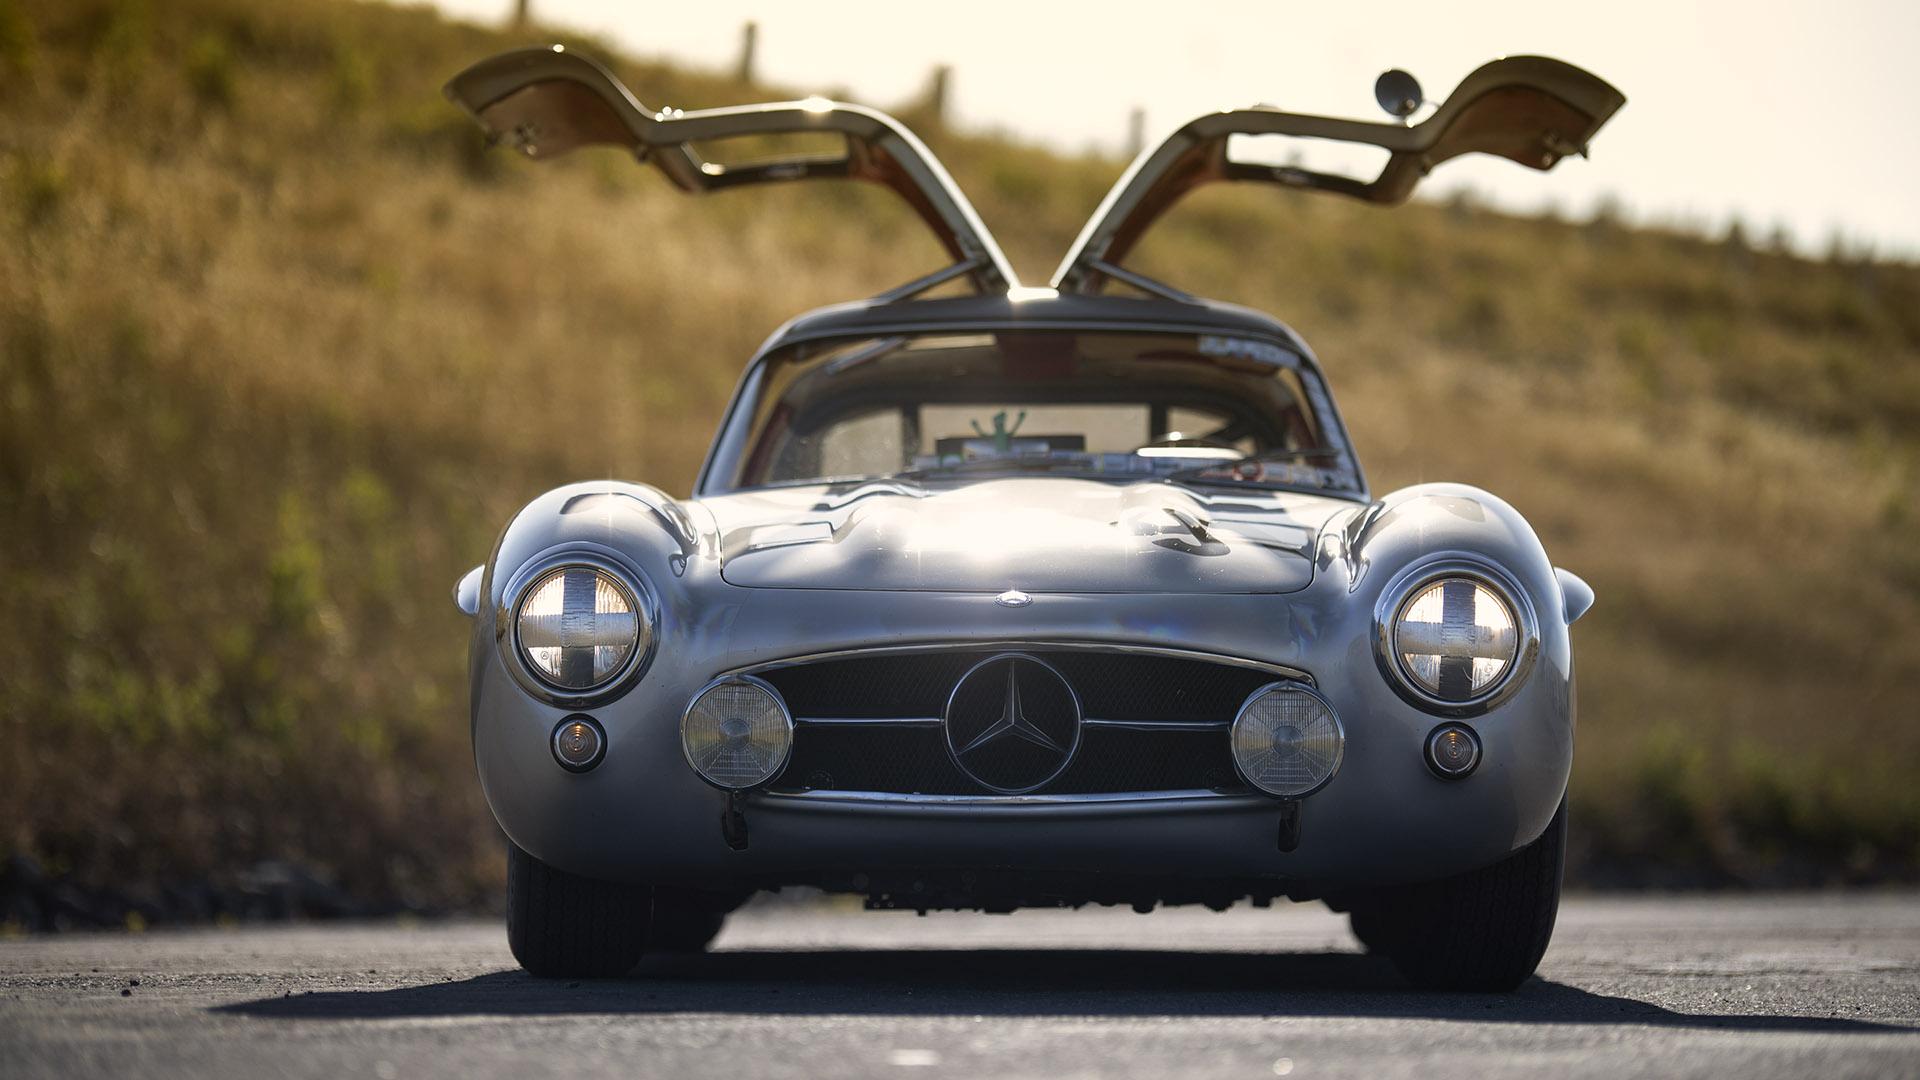 Million-Dollar Daily - 1955 Mercedes-Benz 300SL Gullwing